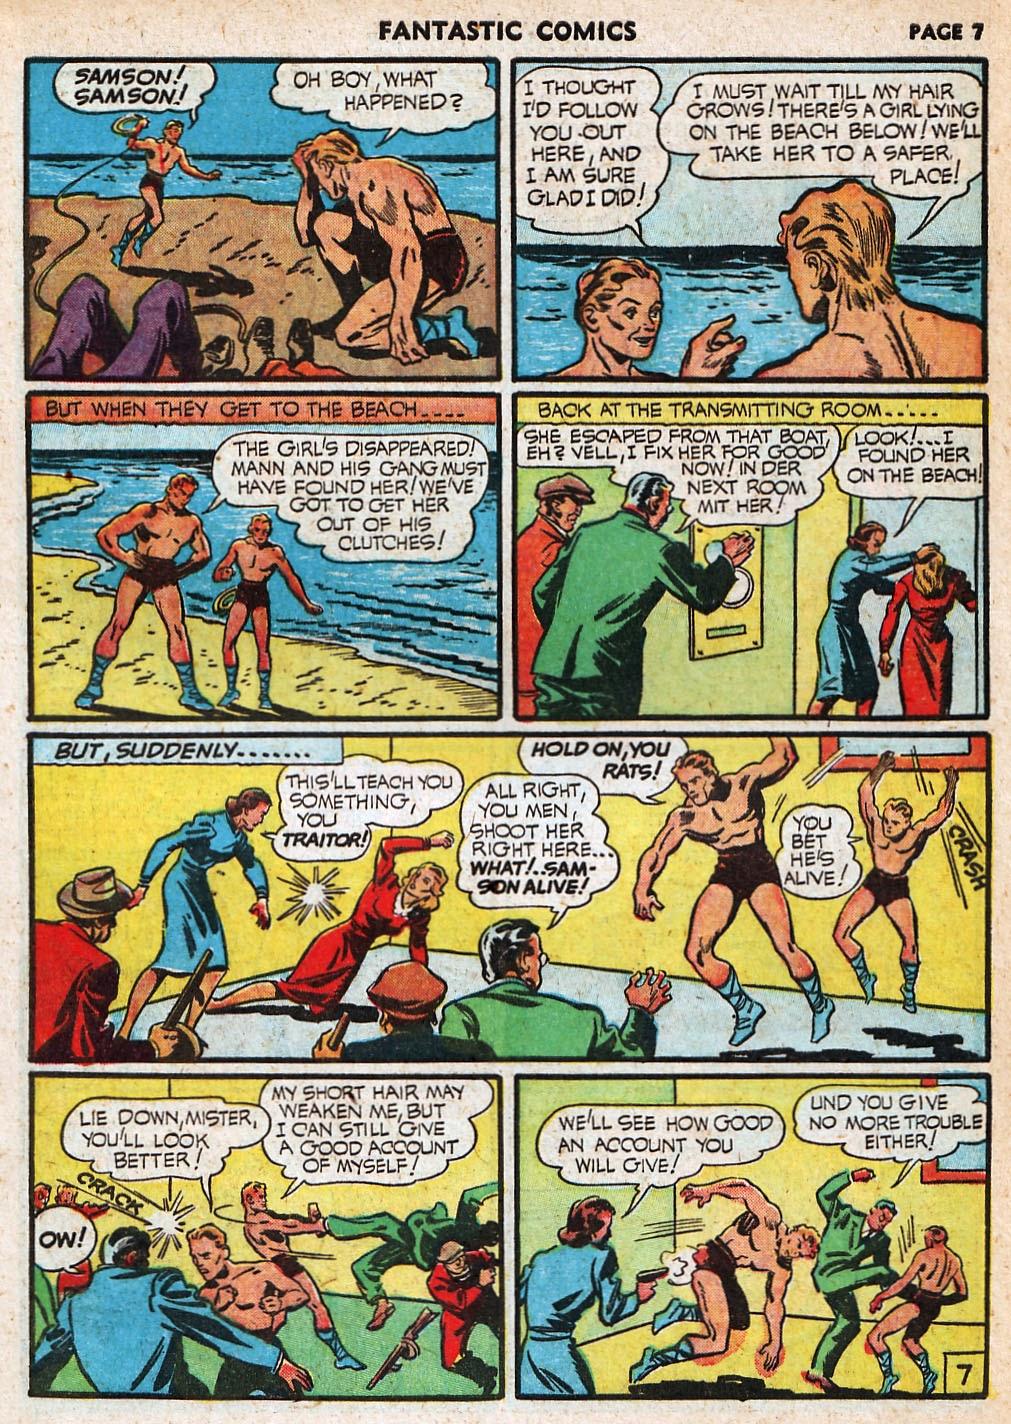 Read online Fantastic Comics comic -  Issue #20 - 8